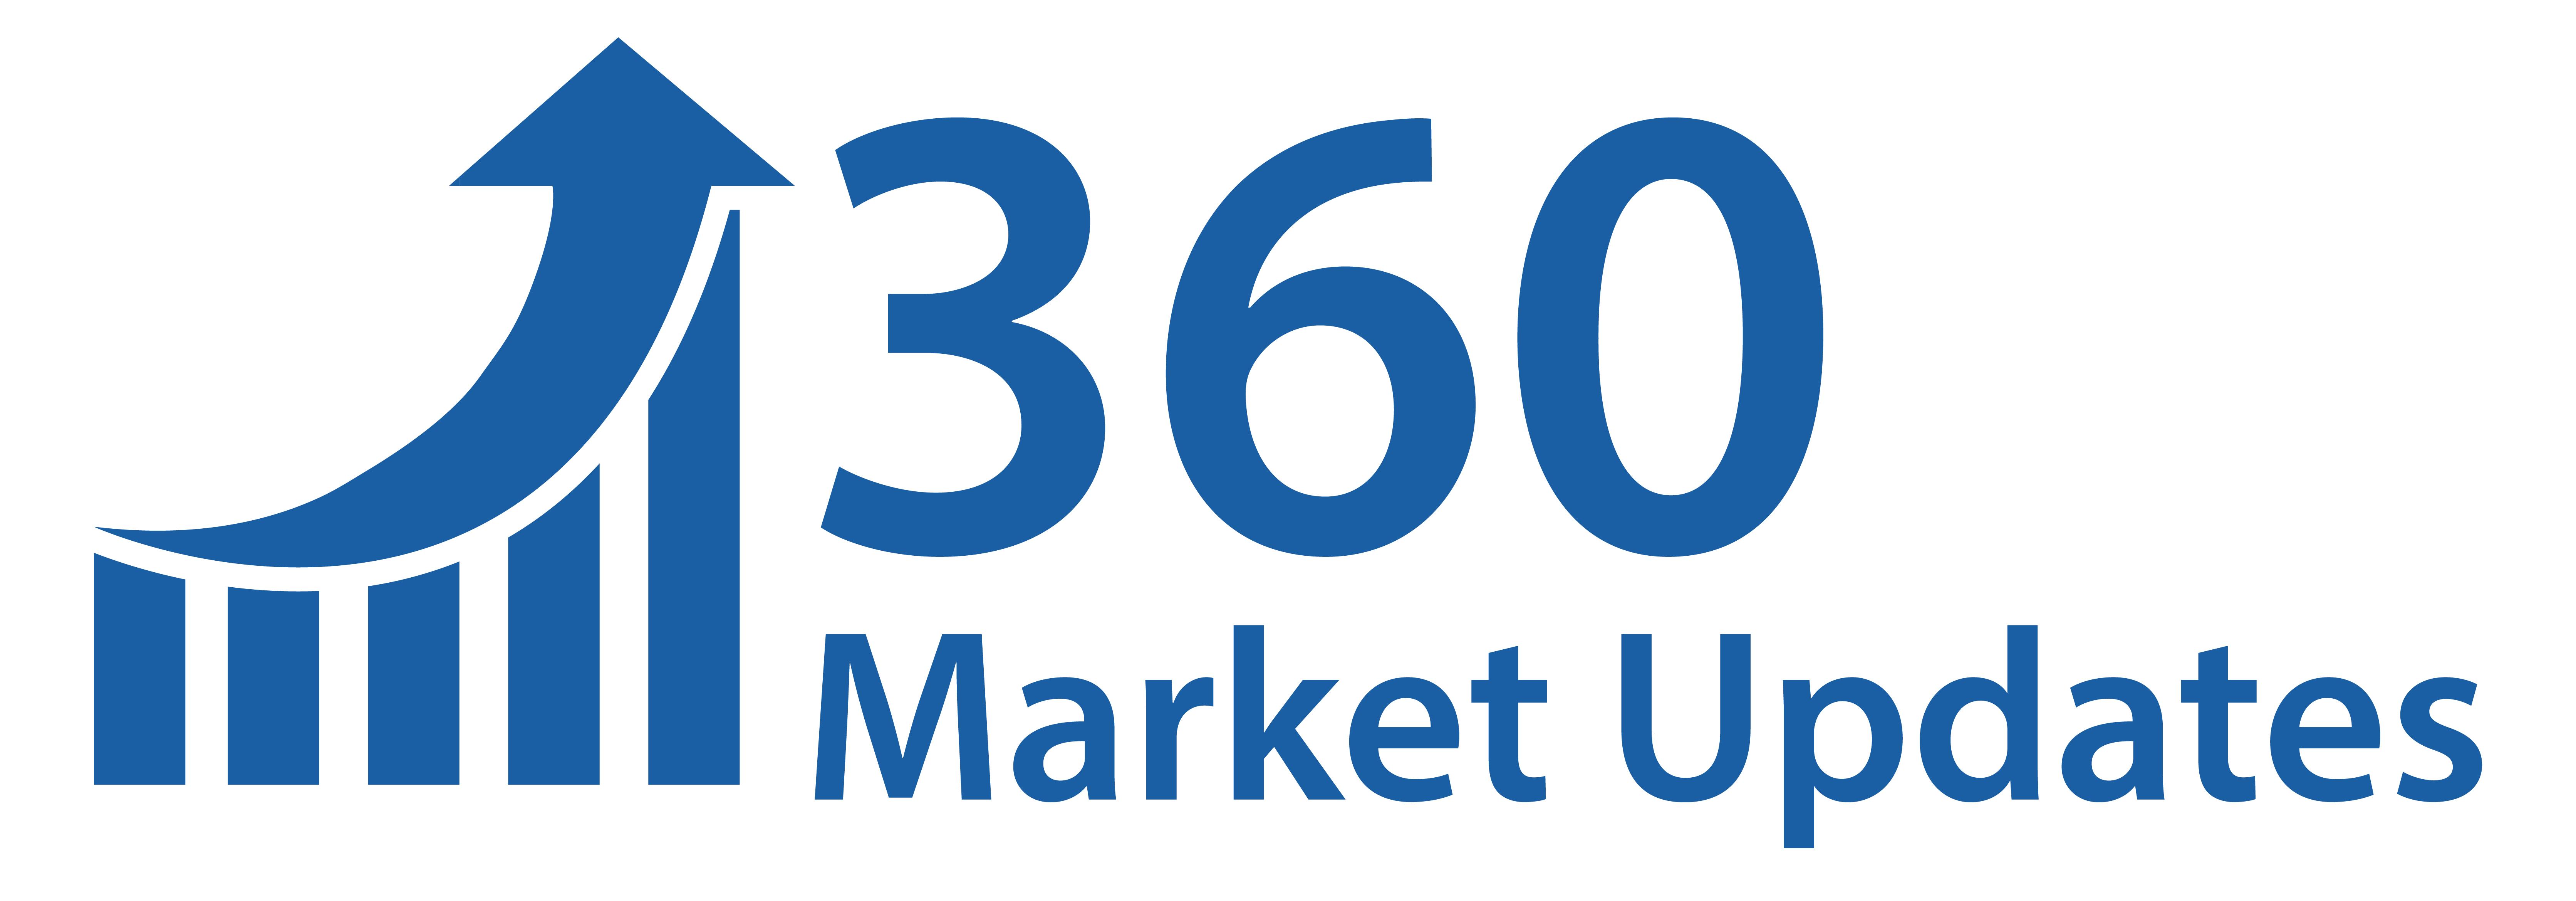 Quantum Chip Market 2020: Nach Aktie, Anwendung, Leading Players Update, Region, Marktschätzung, Projektökonomie, Preisanalyse, Chancen und Prognose 2026